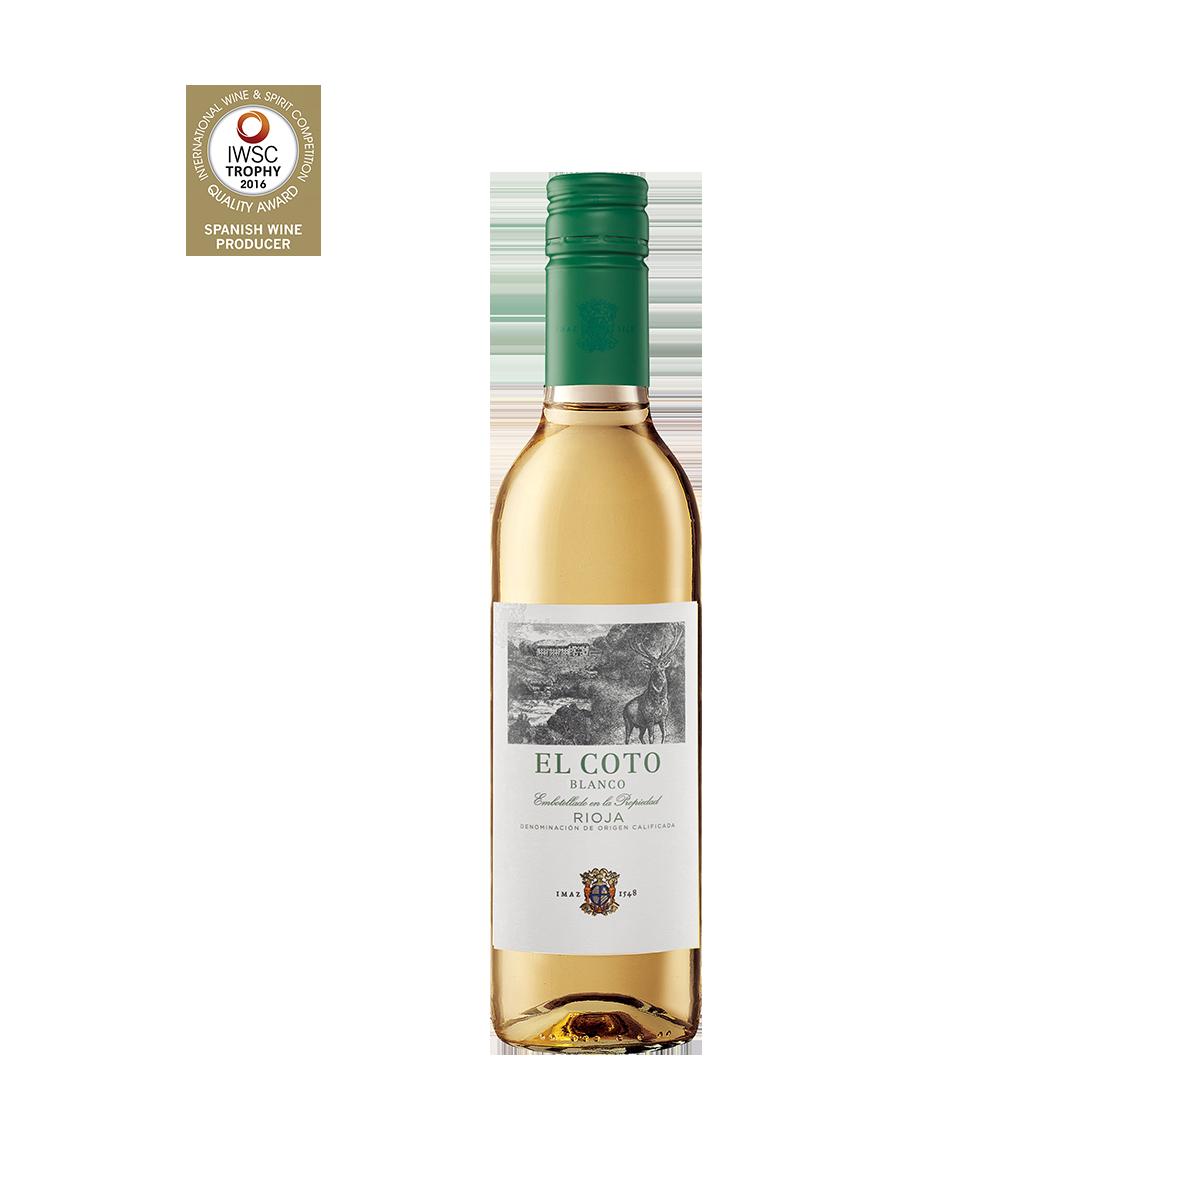 ESC2101H-16西班牙愛格多瑞鹿高級白葡萄酒 El Coto Blanco Rioja D.O.Ca.